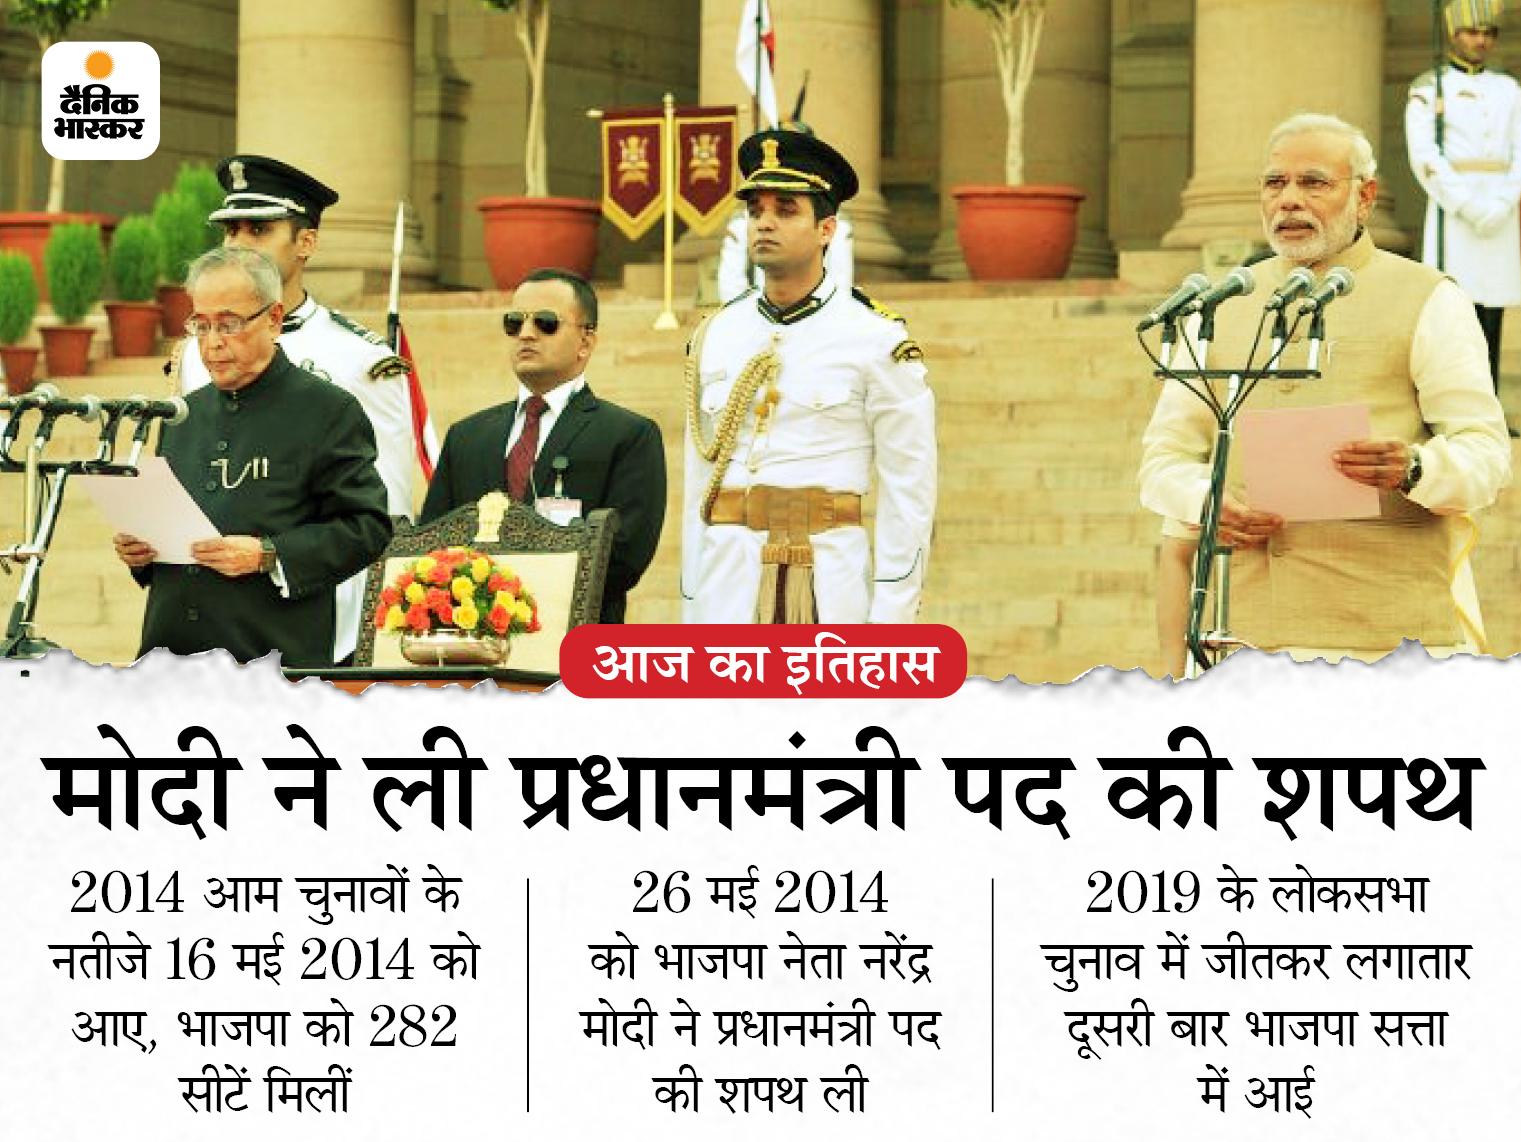 7 साल पहले आज ही के दिन देश के 15वें प्रधानमंत्री बने थे नरेंद्र मोदी, 30 साल बाद किसी पार्टी को मिला था बहुमत|देश,National - Dainik Bhaskar